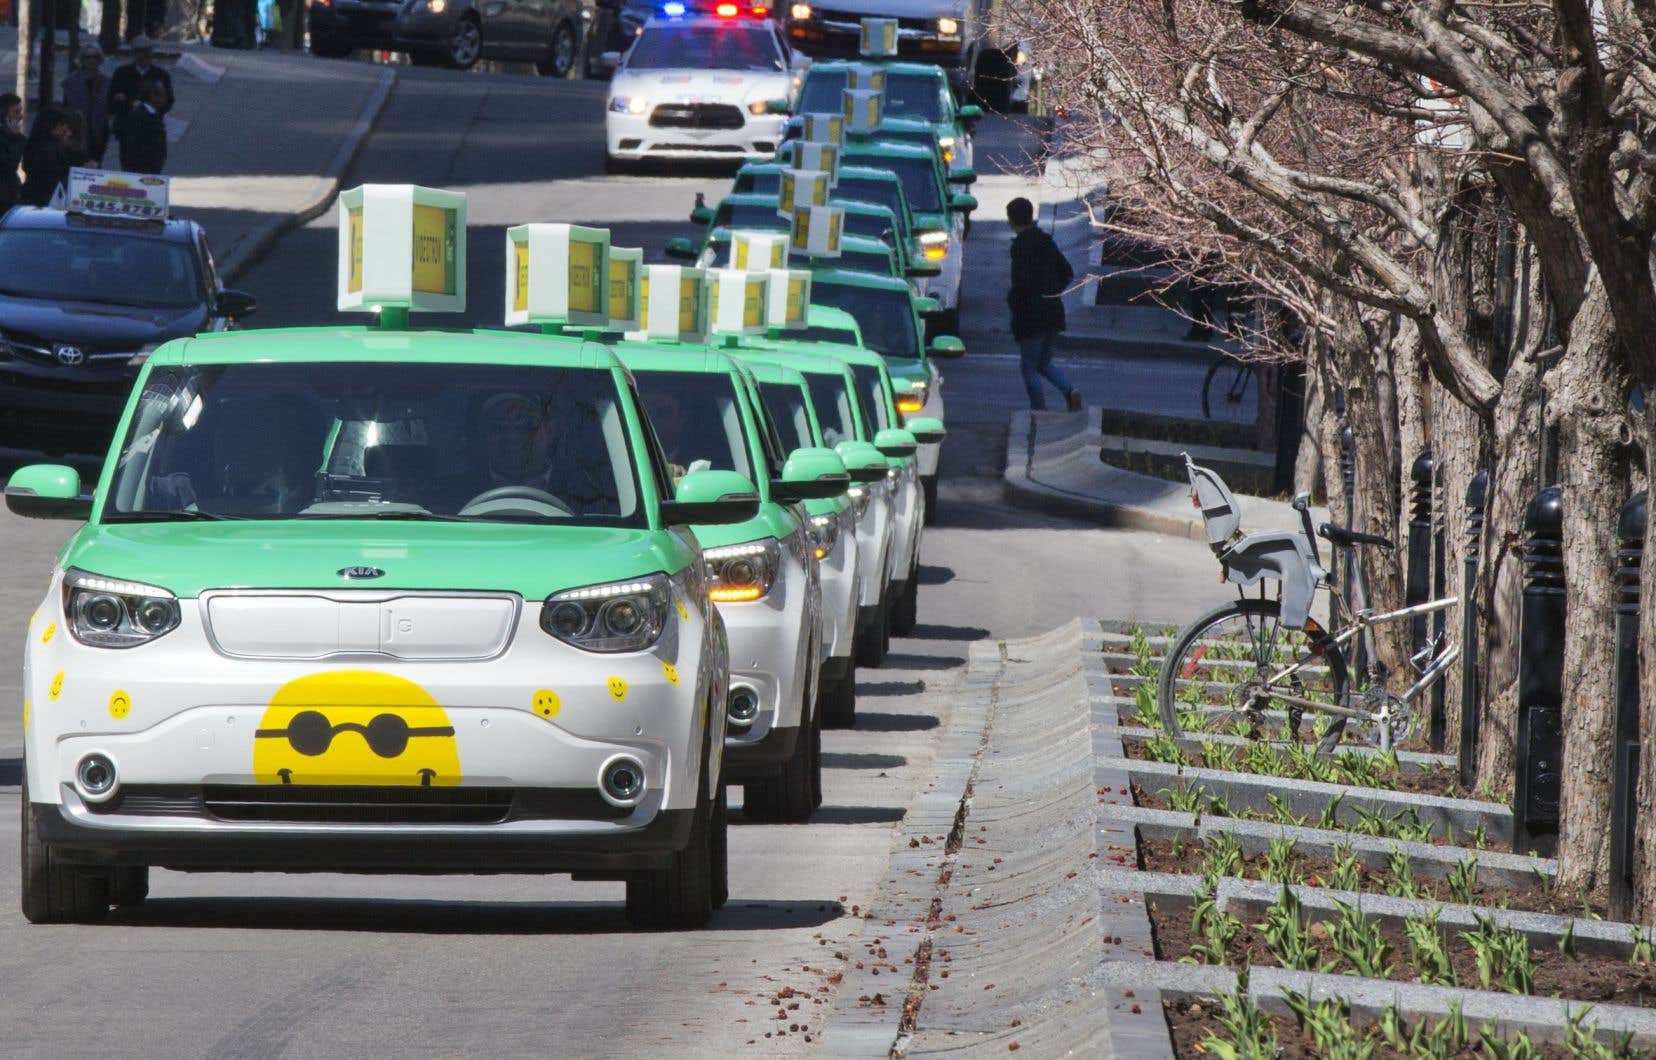 Fondaction investit dans son volet transport durable depuis ses débuts, notamment en soutenant des initiatives telles que Téo Taxi.